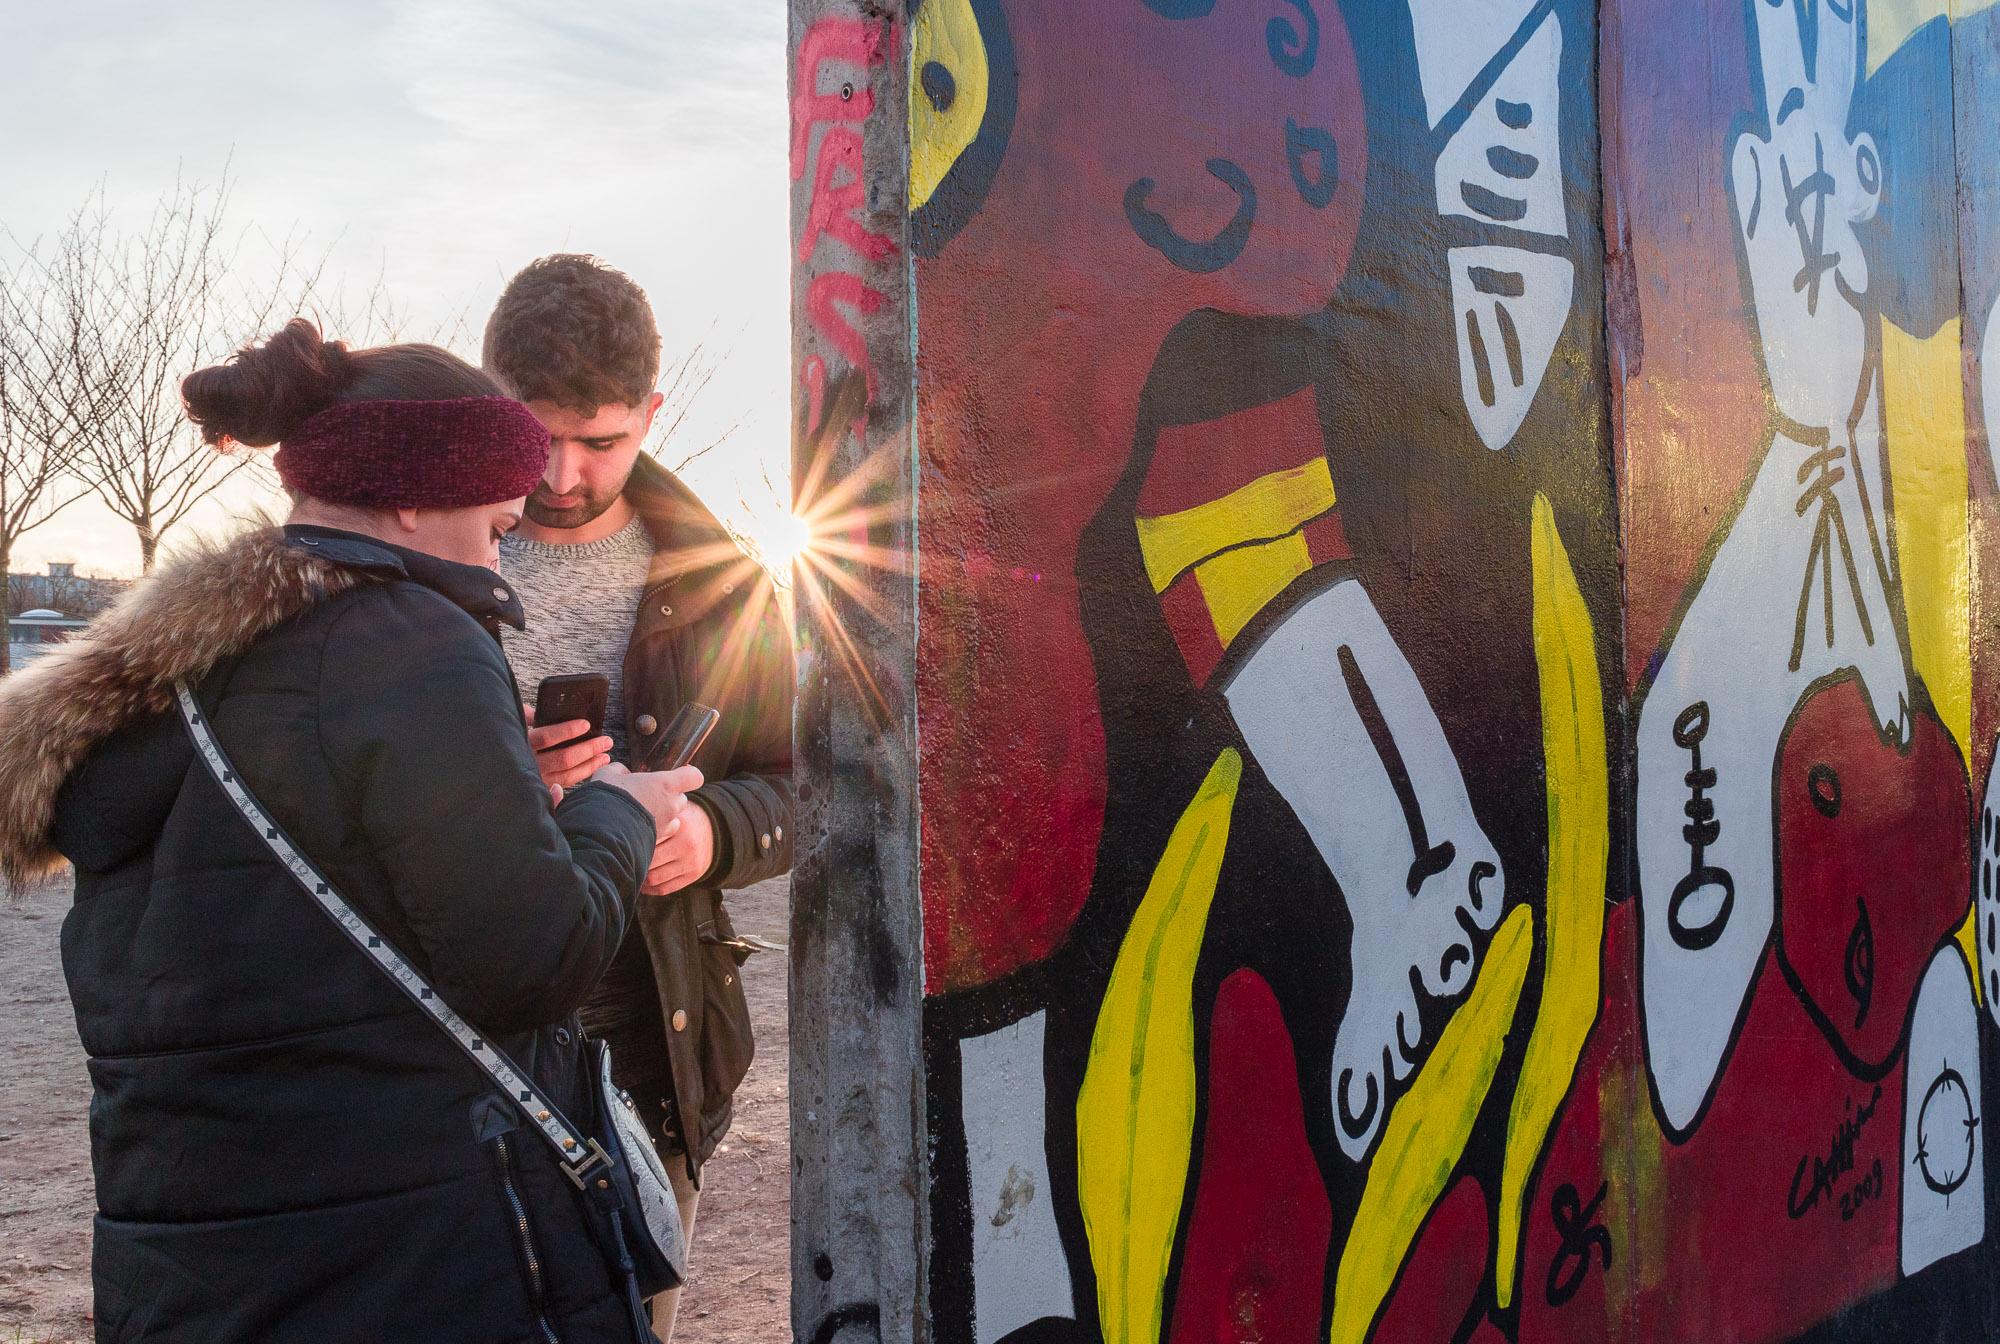 Touristes utilisant un téléphone devant une fresque du mur de Berlin et rayon de soleil